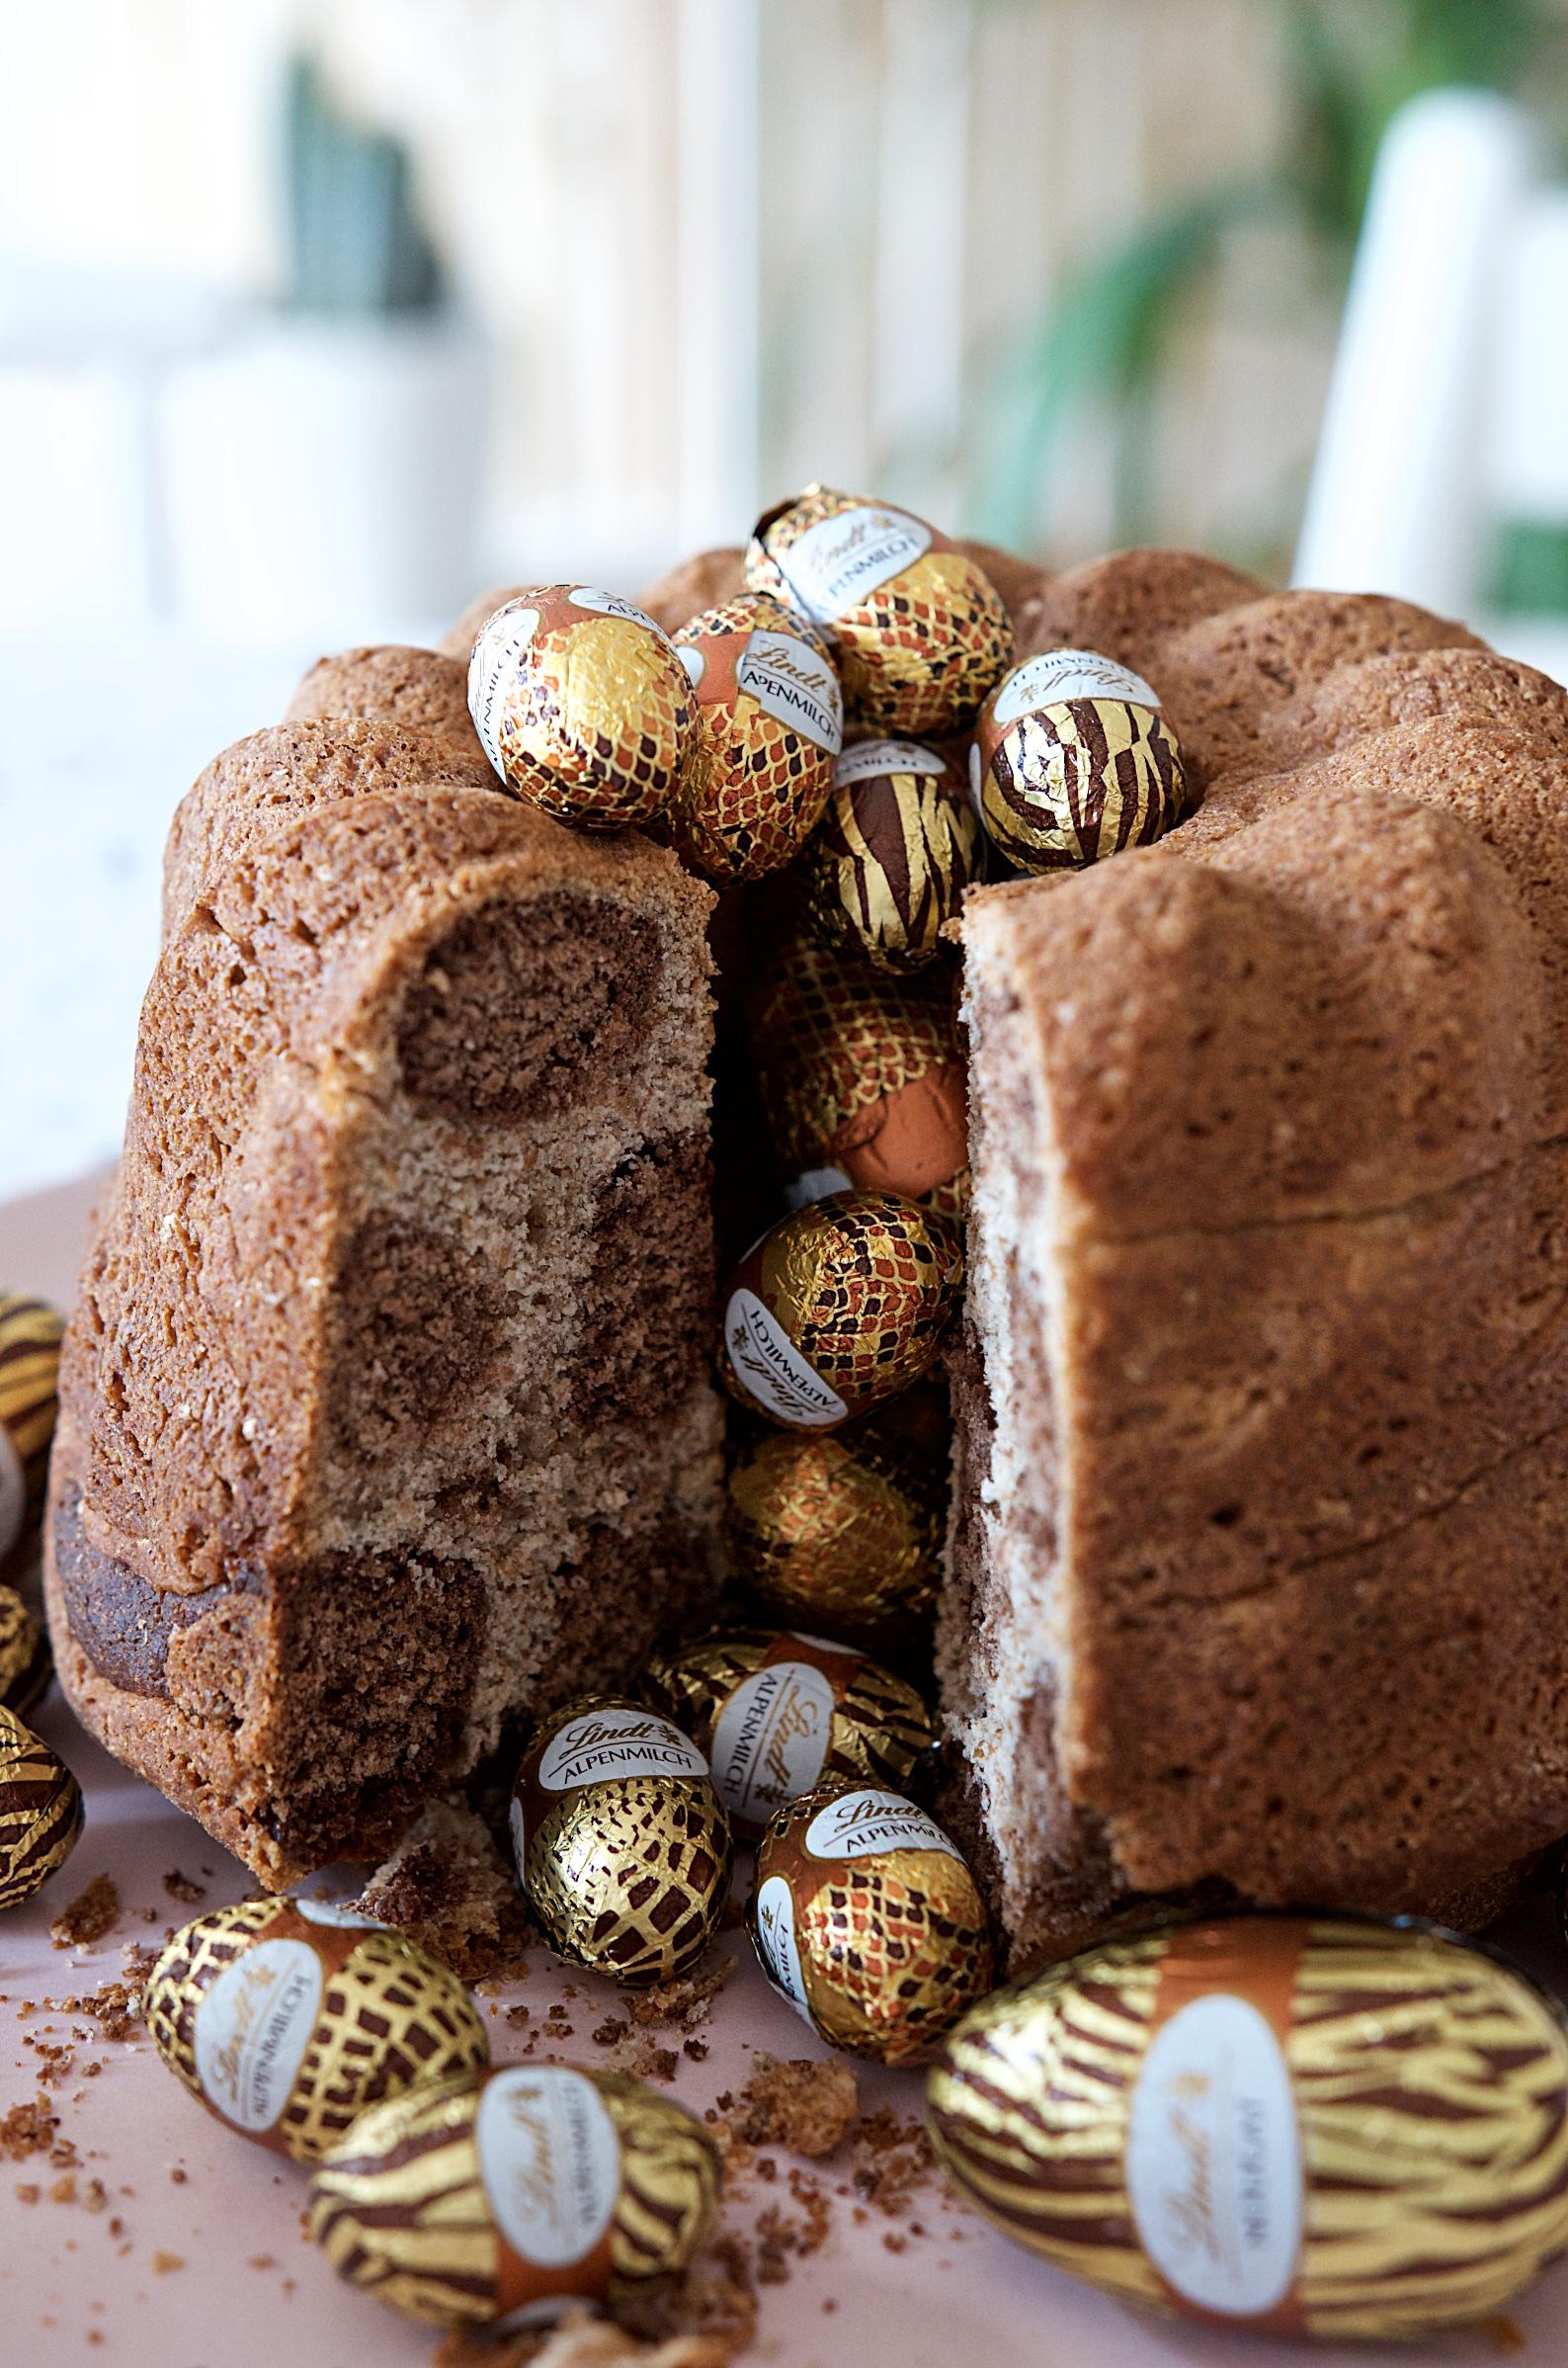 Leoparden Brioche für den Osterbrunch mit Schokoladen Eiern im Animal Print von Lindt